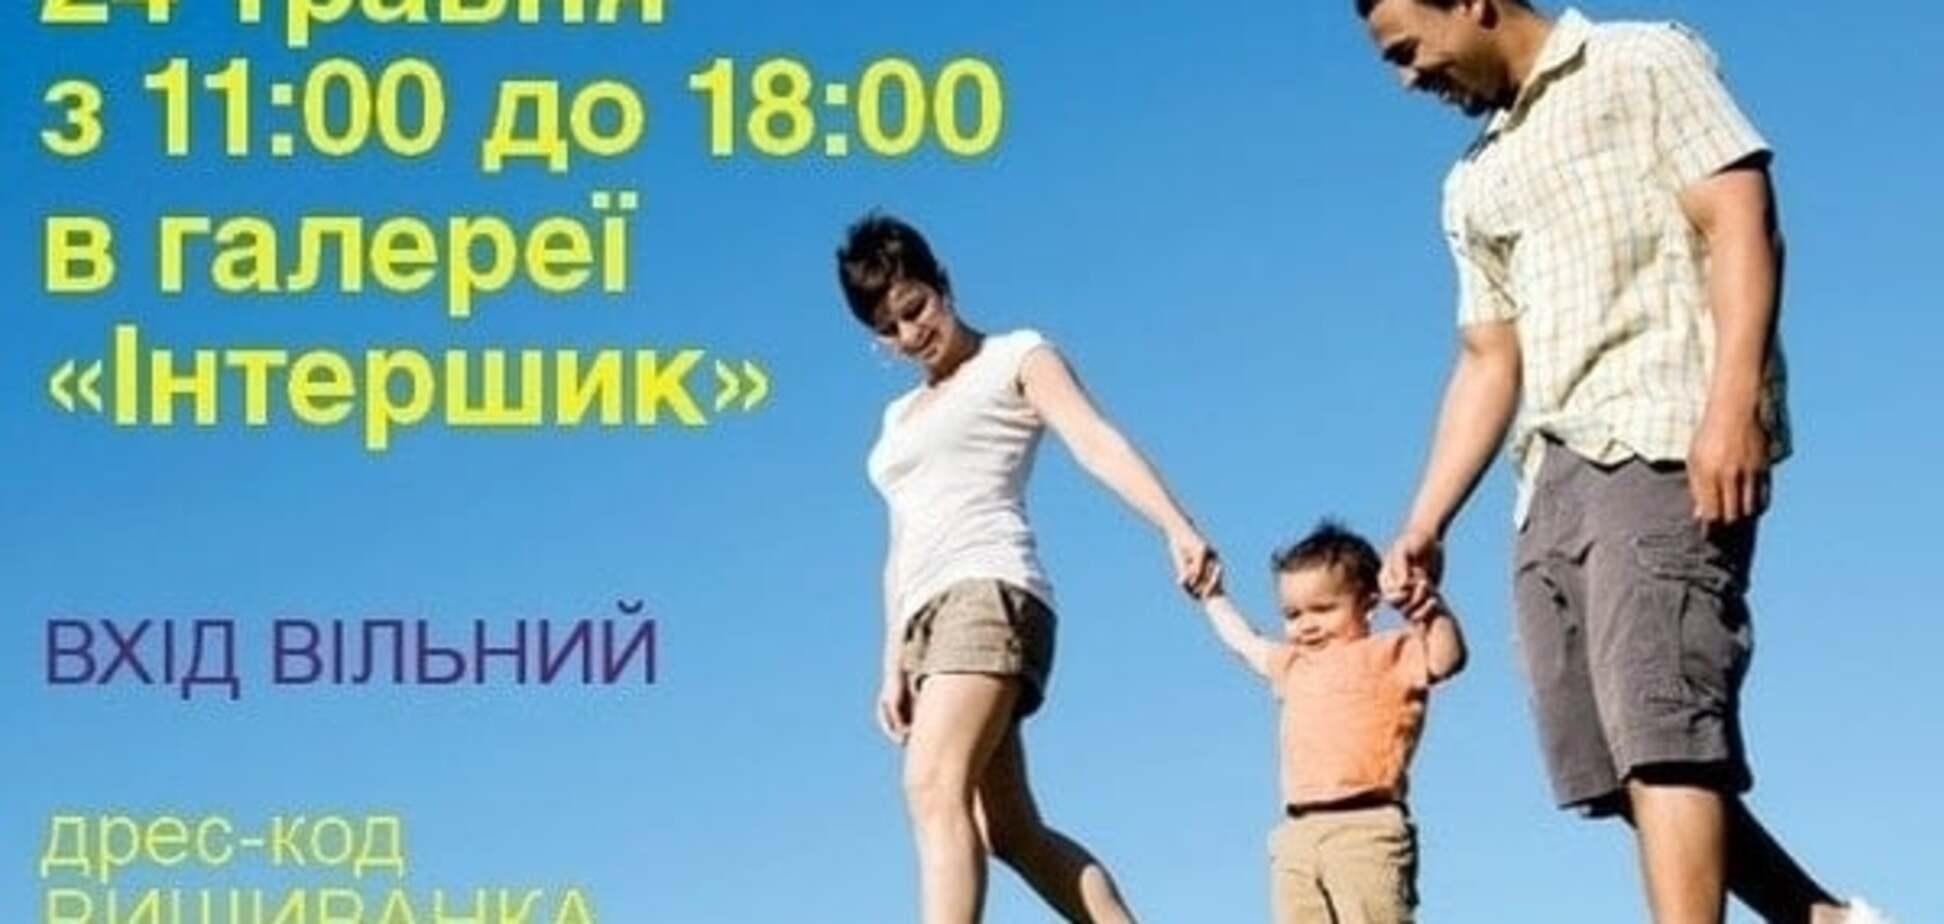 Свято Батьківства у Вінниці!